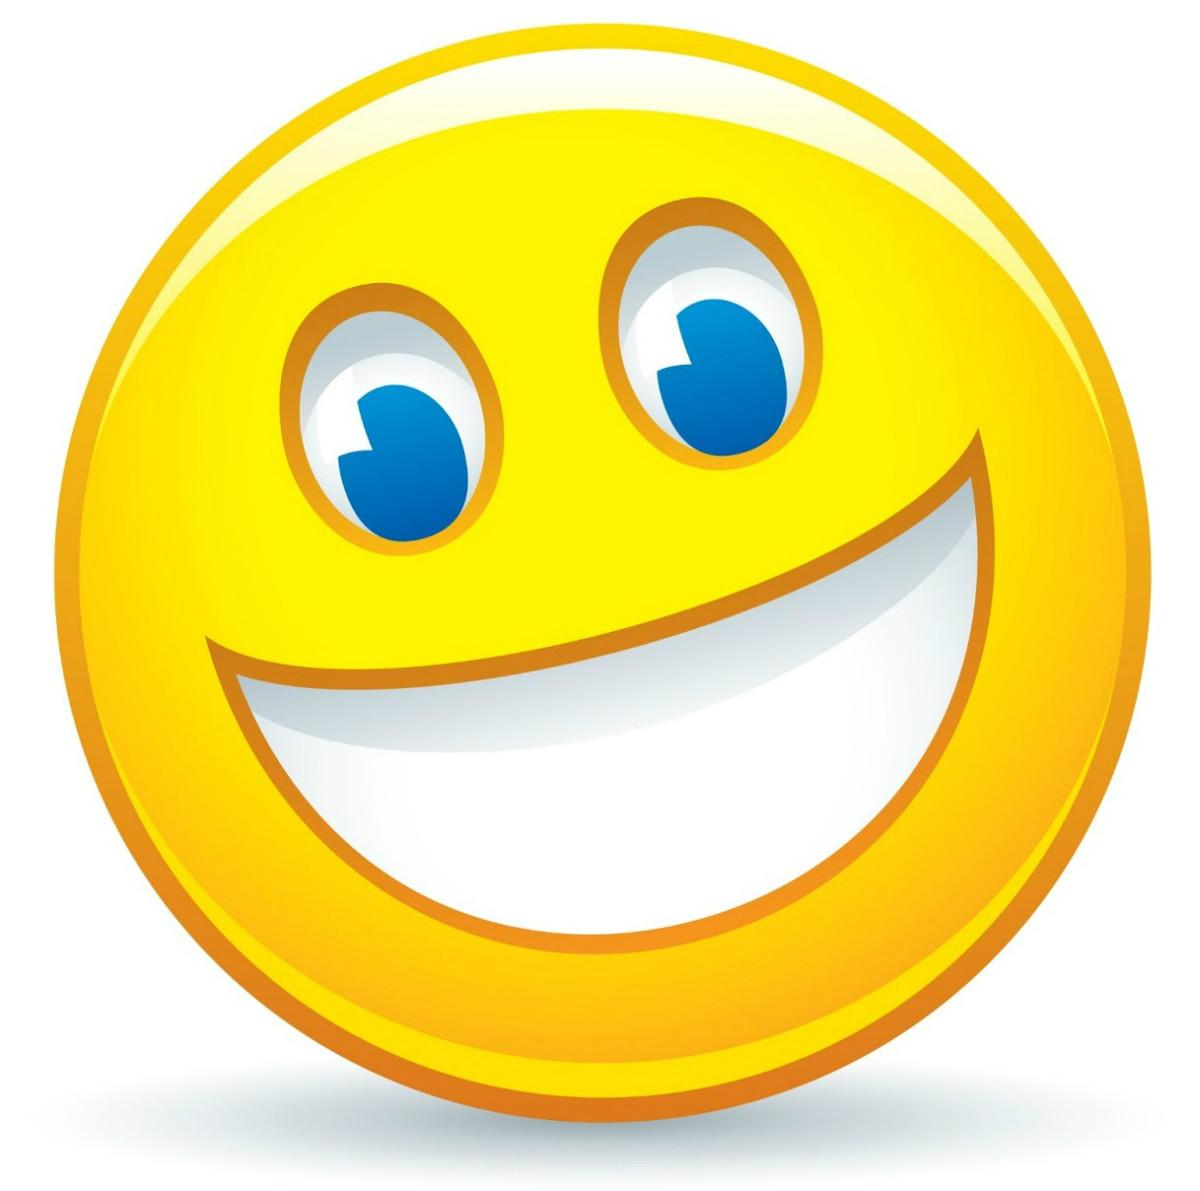 Hoy dedico una sonrisa, ....... - Página 10 A_smile